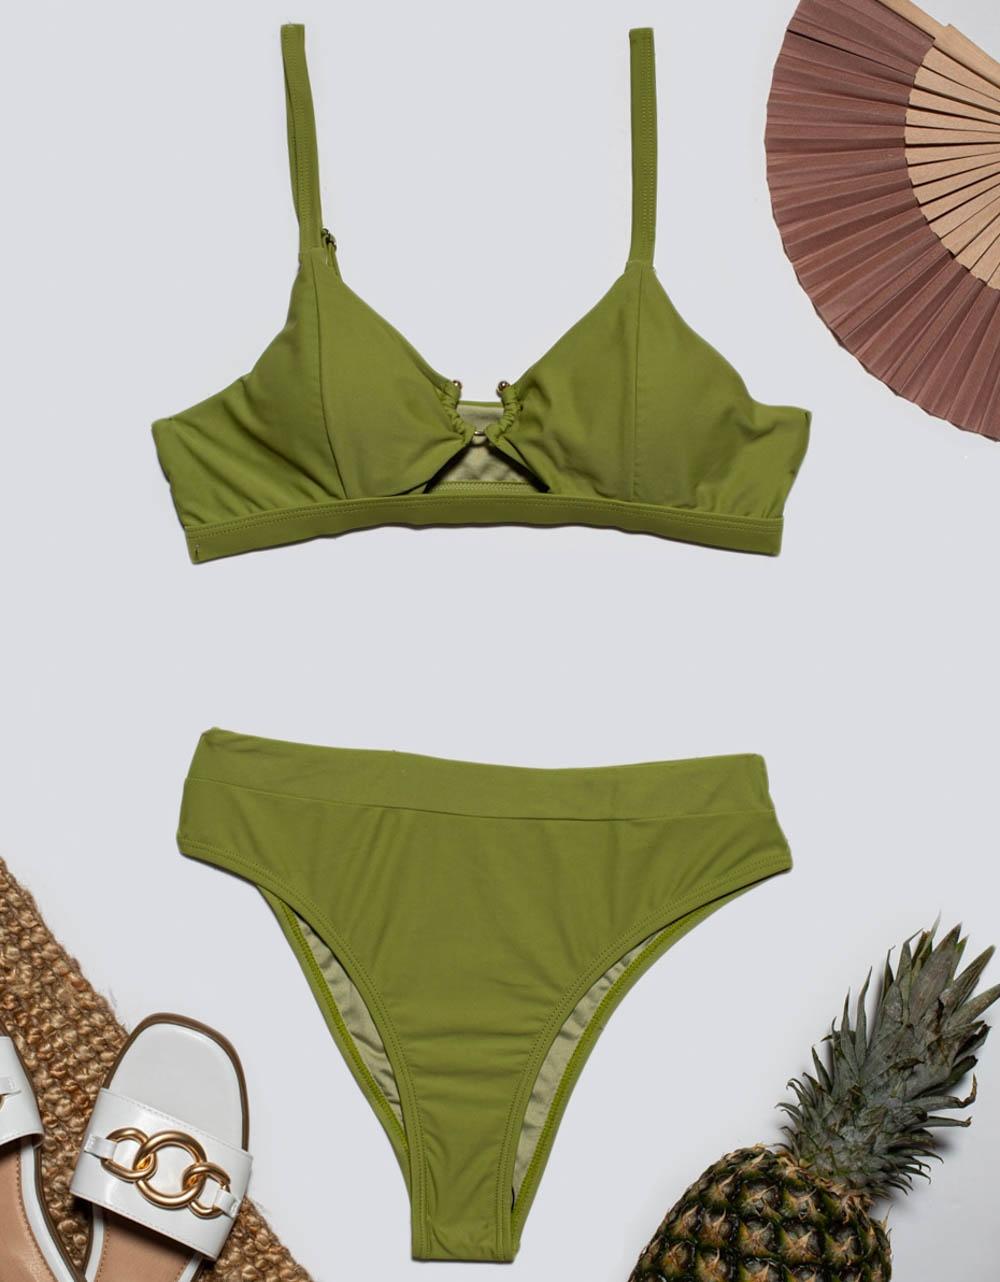 Εικόνα από Γυναικεία μαγιό σετ μπικίνι με μεταλλικό διακοσμητικό Πράσινο